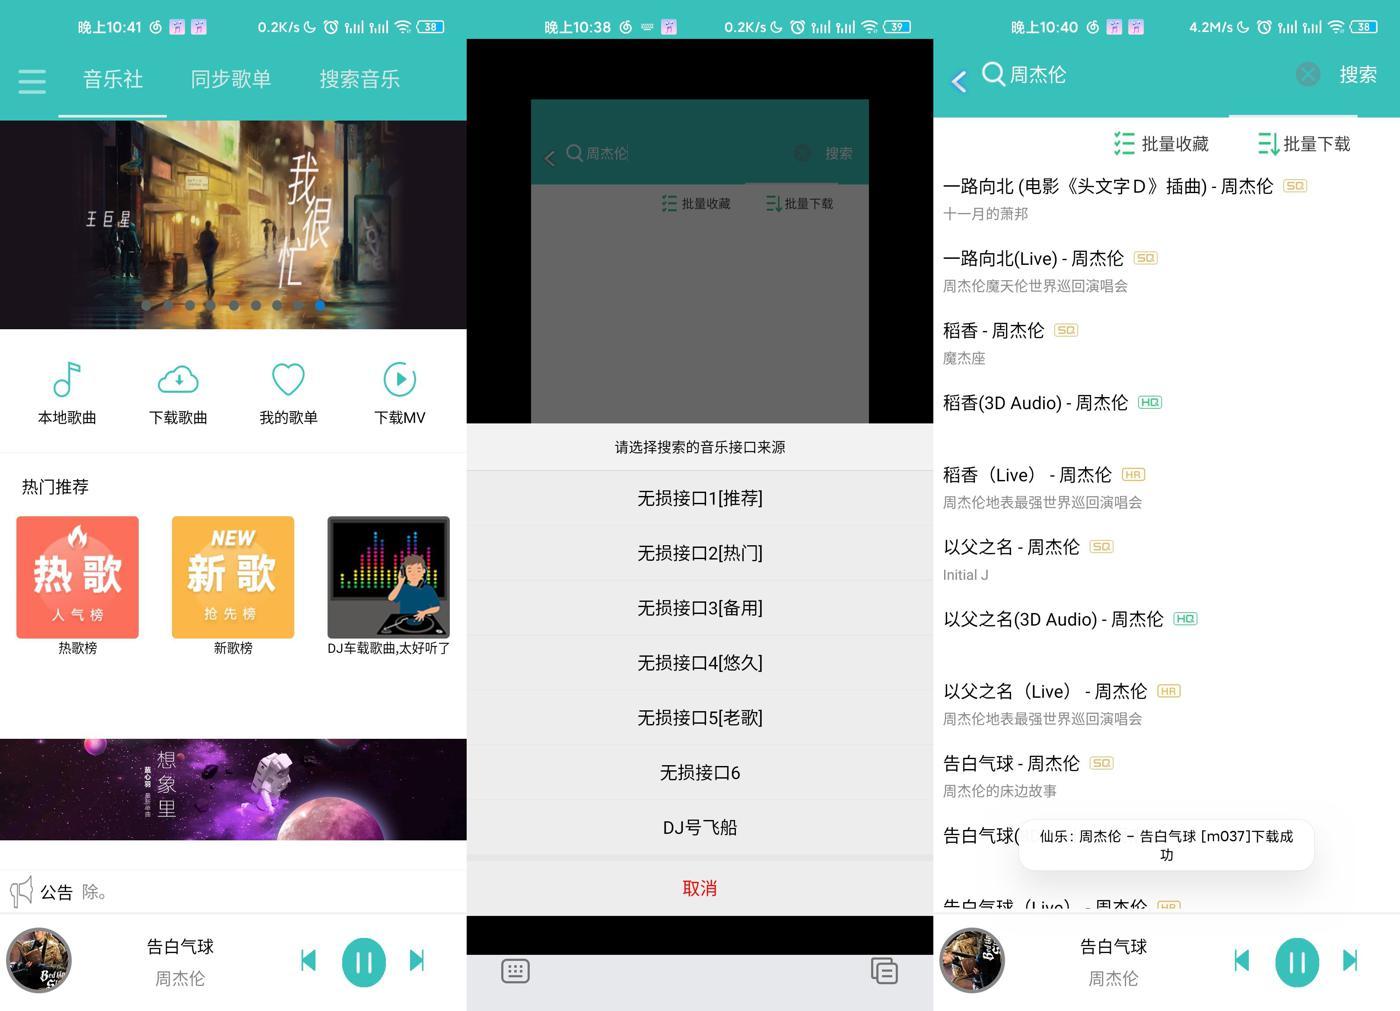 安卓仙乐v2.0 音乐免费下载